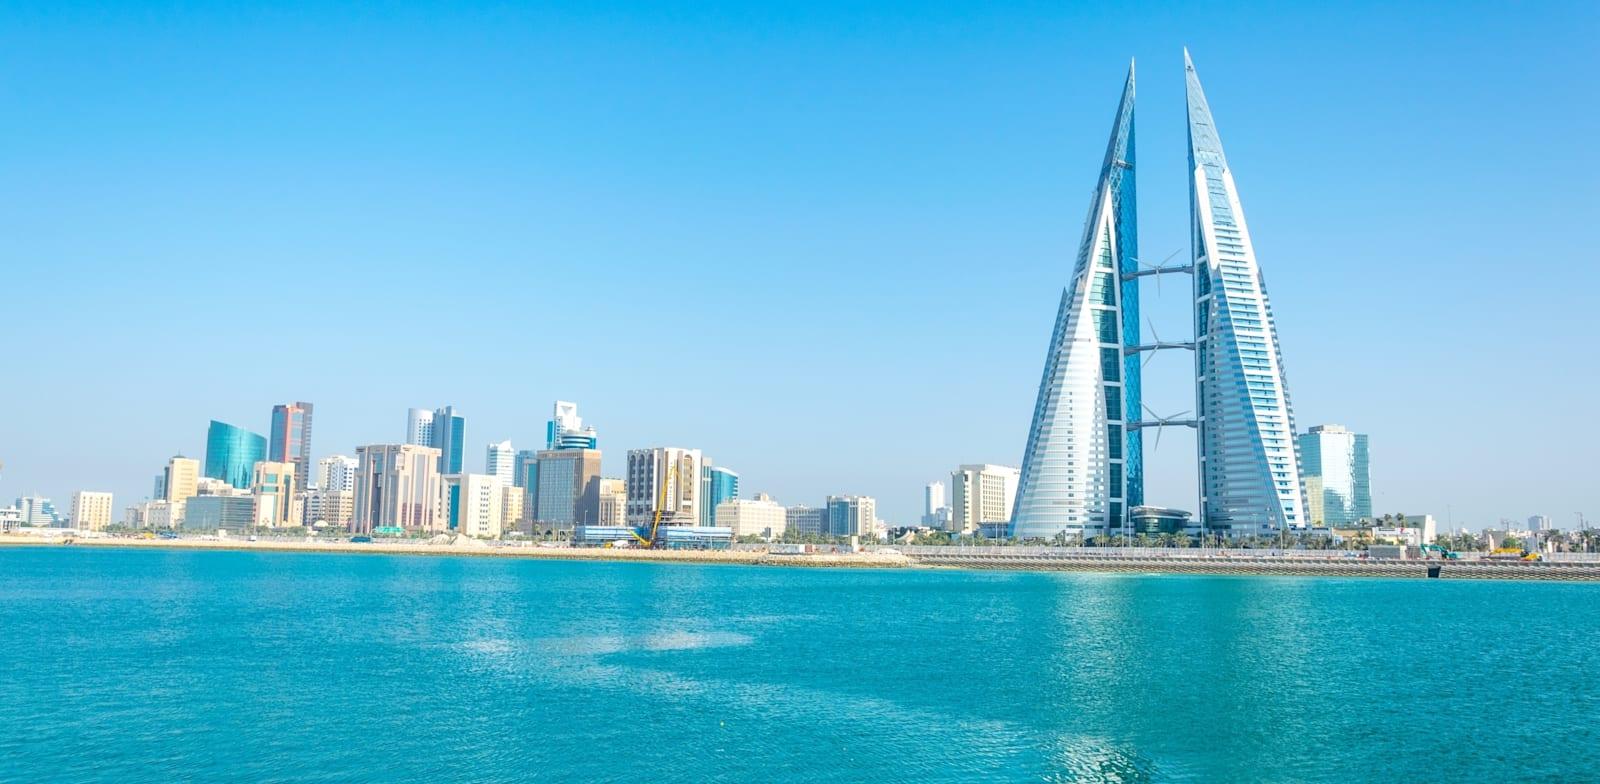 קו החוף של מנאמה. הבניין הבולט ביותר הוא מרכז הסחר העולמי של בחריין / צילום: Shutterstock, trabantos